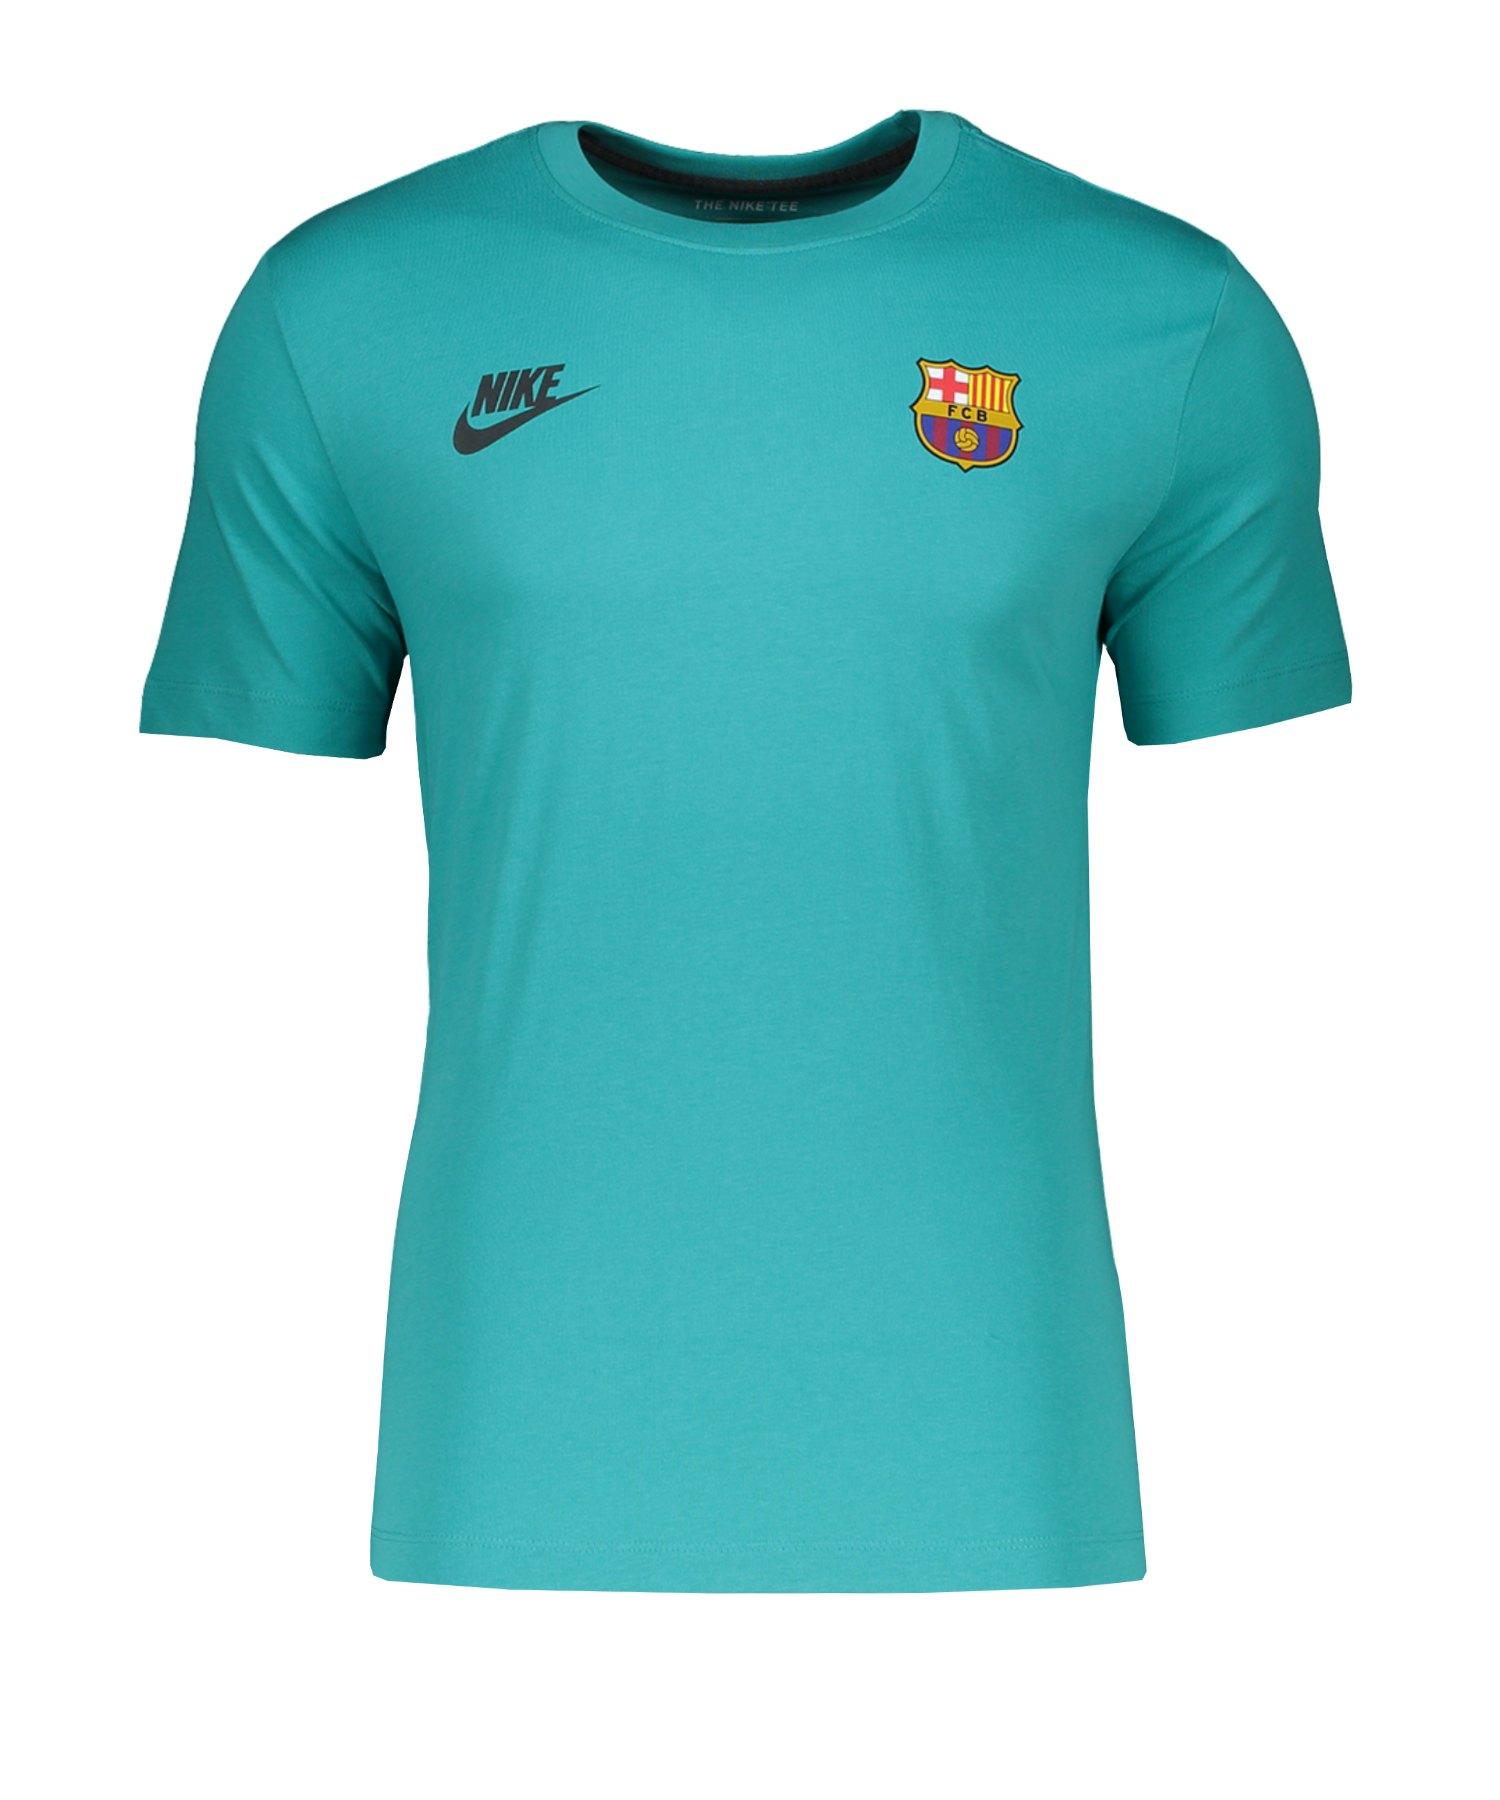 Nike FC Barcelona T-Shirt Grün F309 - gruen